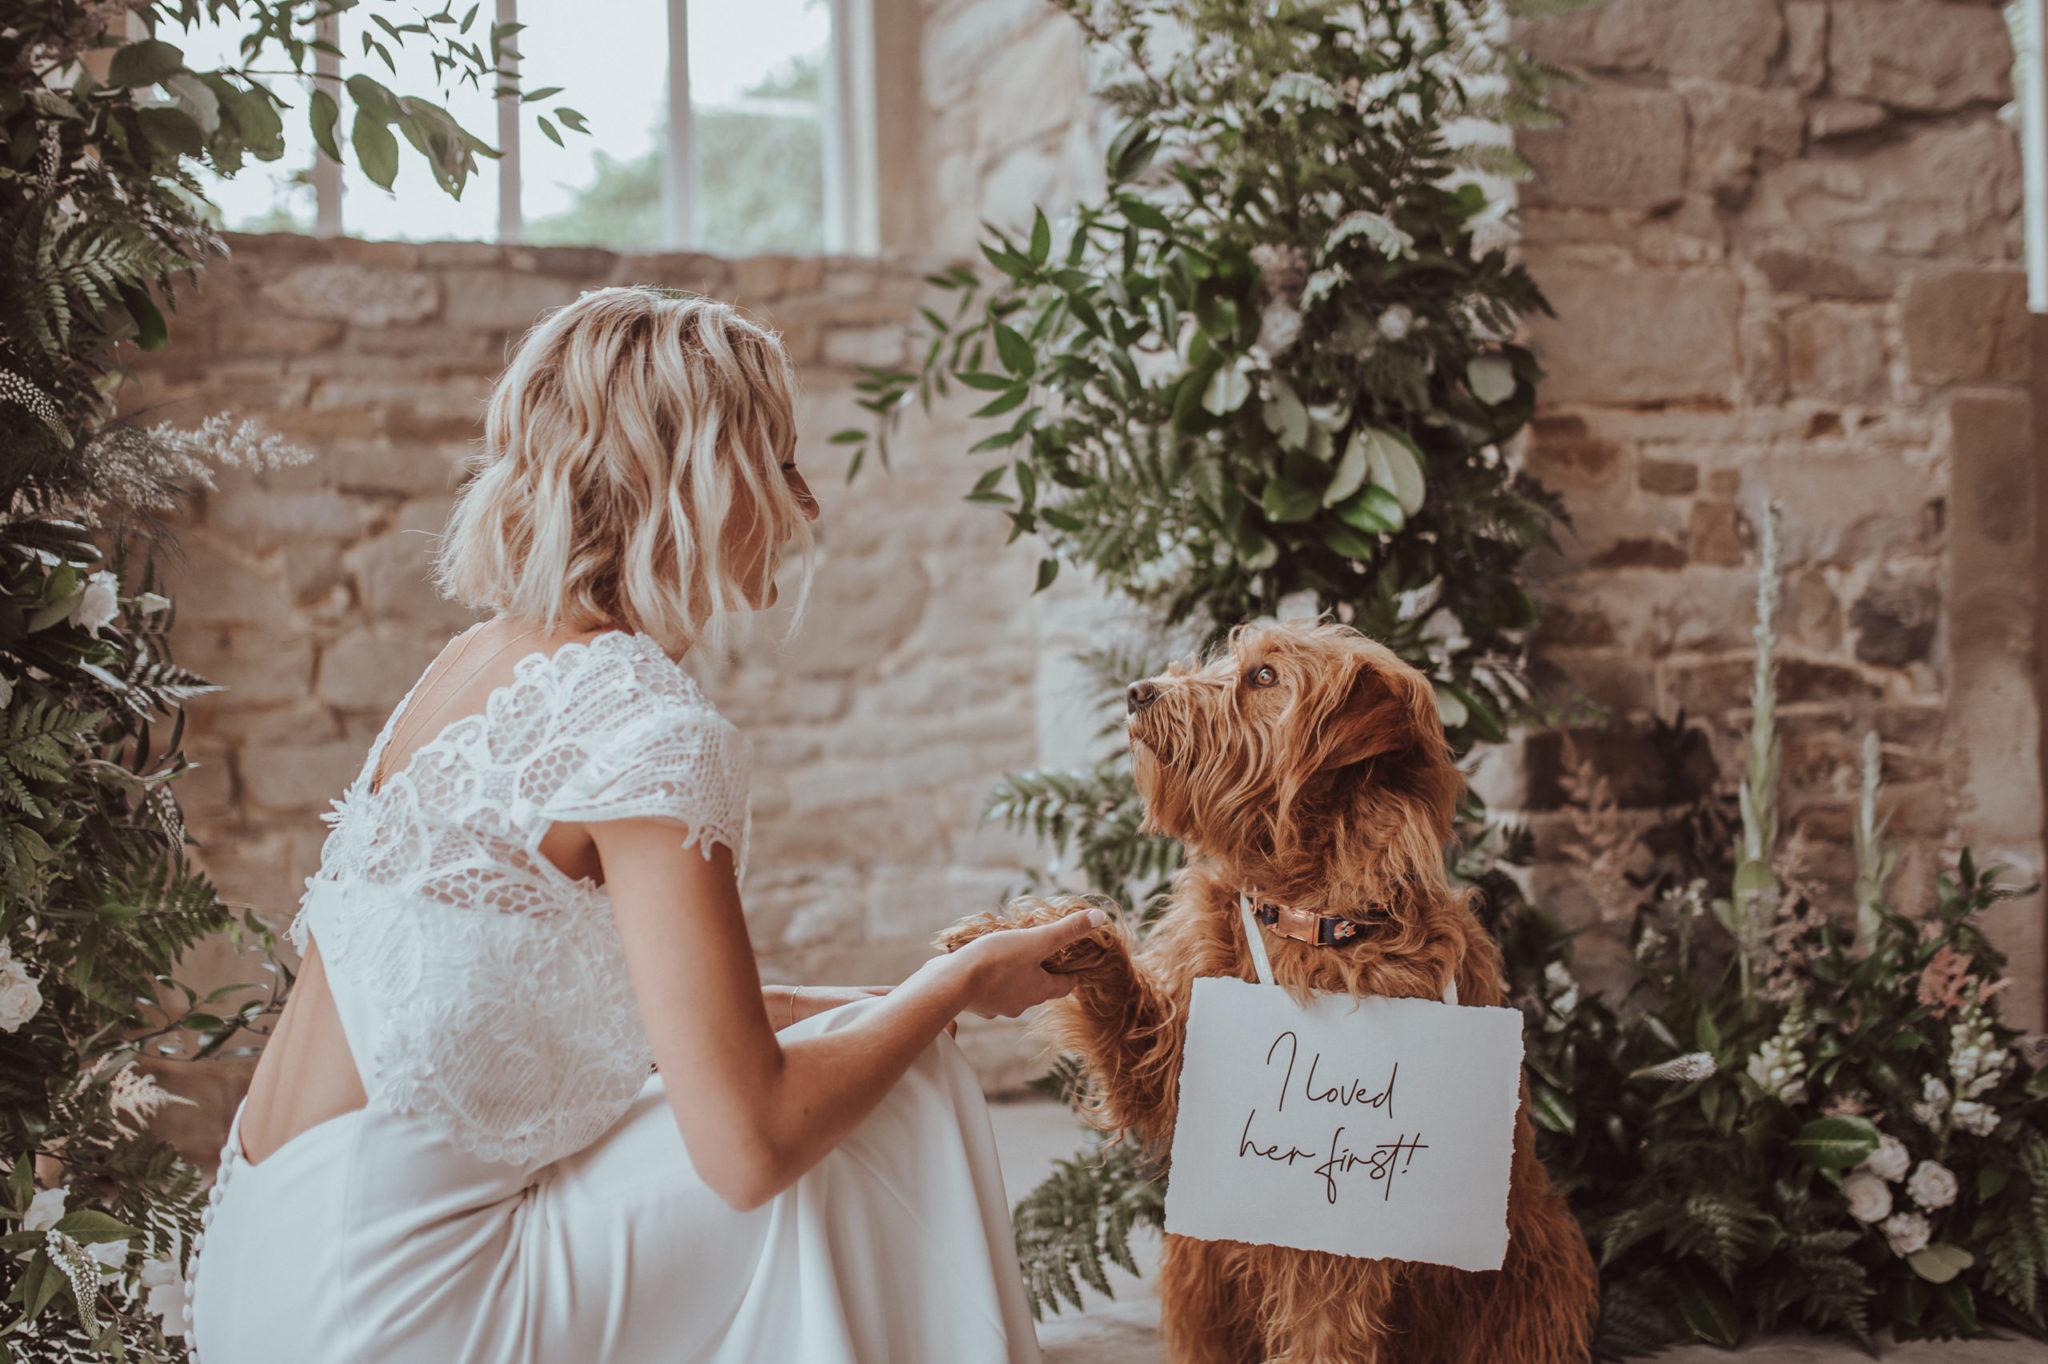 Braut und ihr Hund kurz vor der Zeremonie |RedeKunstWerk Die Ausbildung für Freie Redner